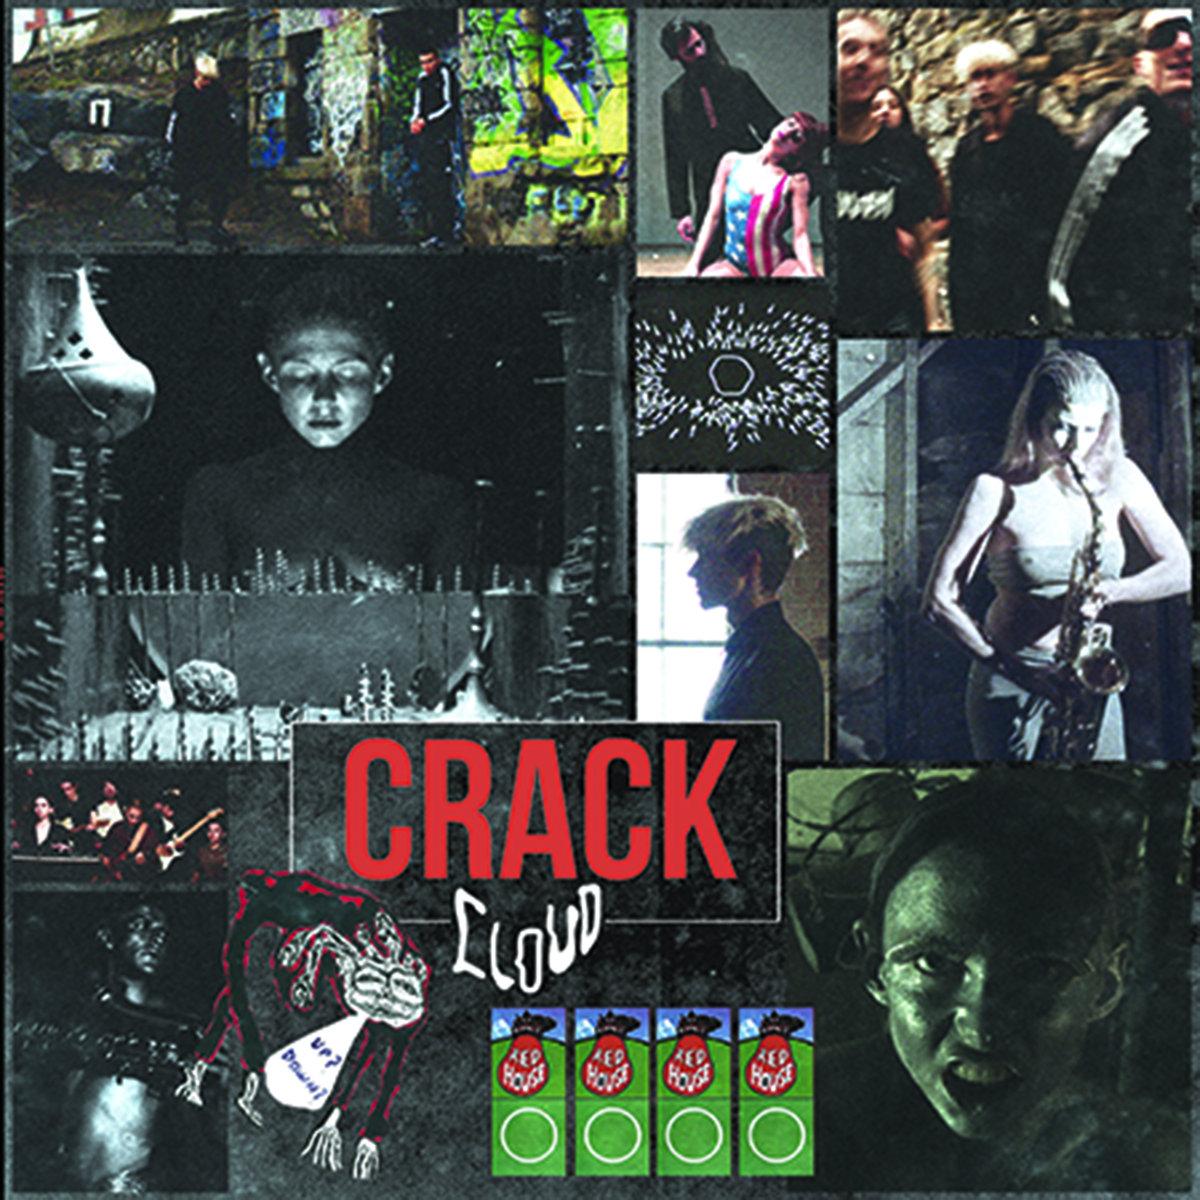 Crack Cloud - s/t LP